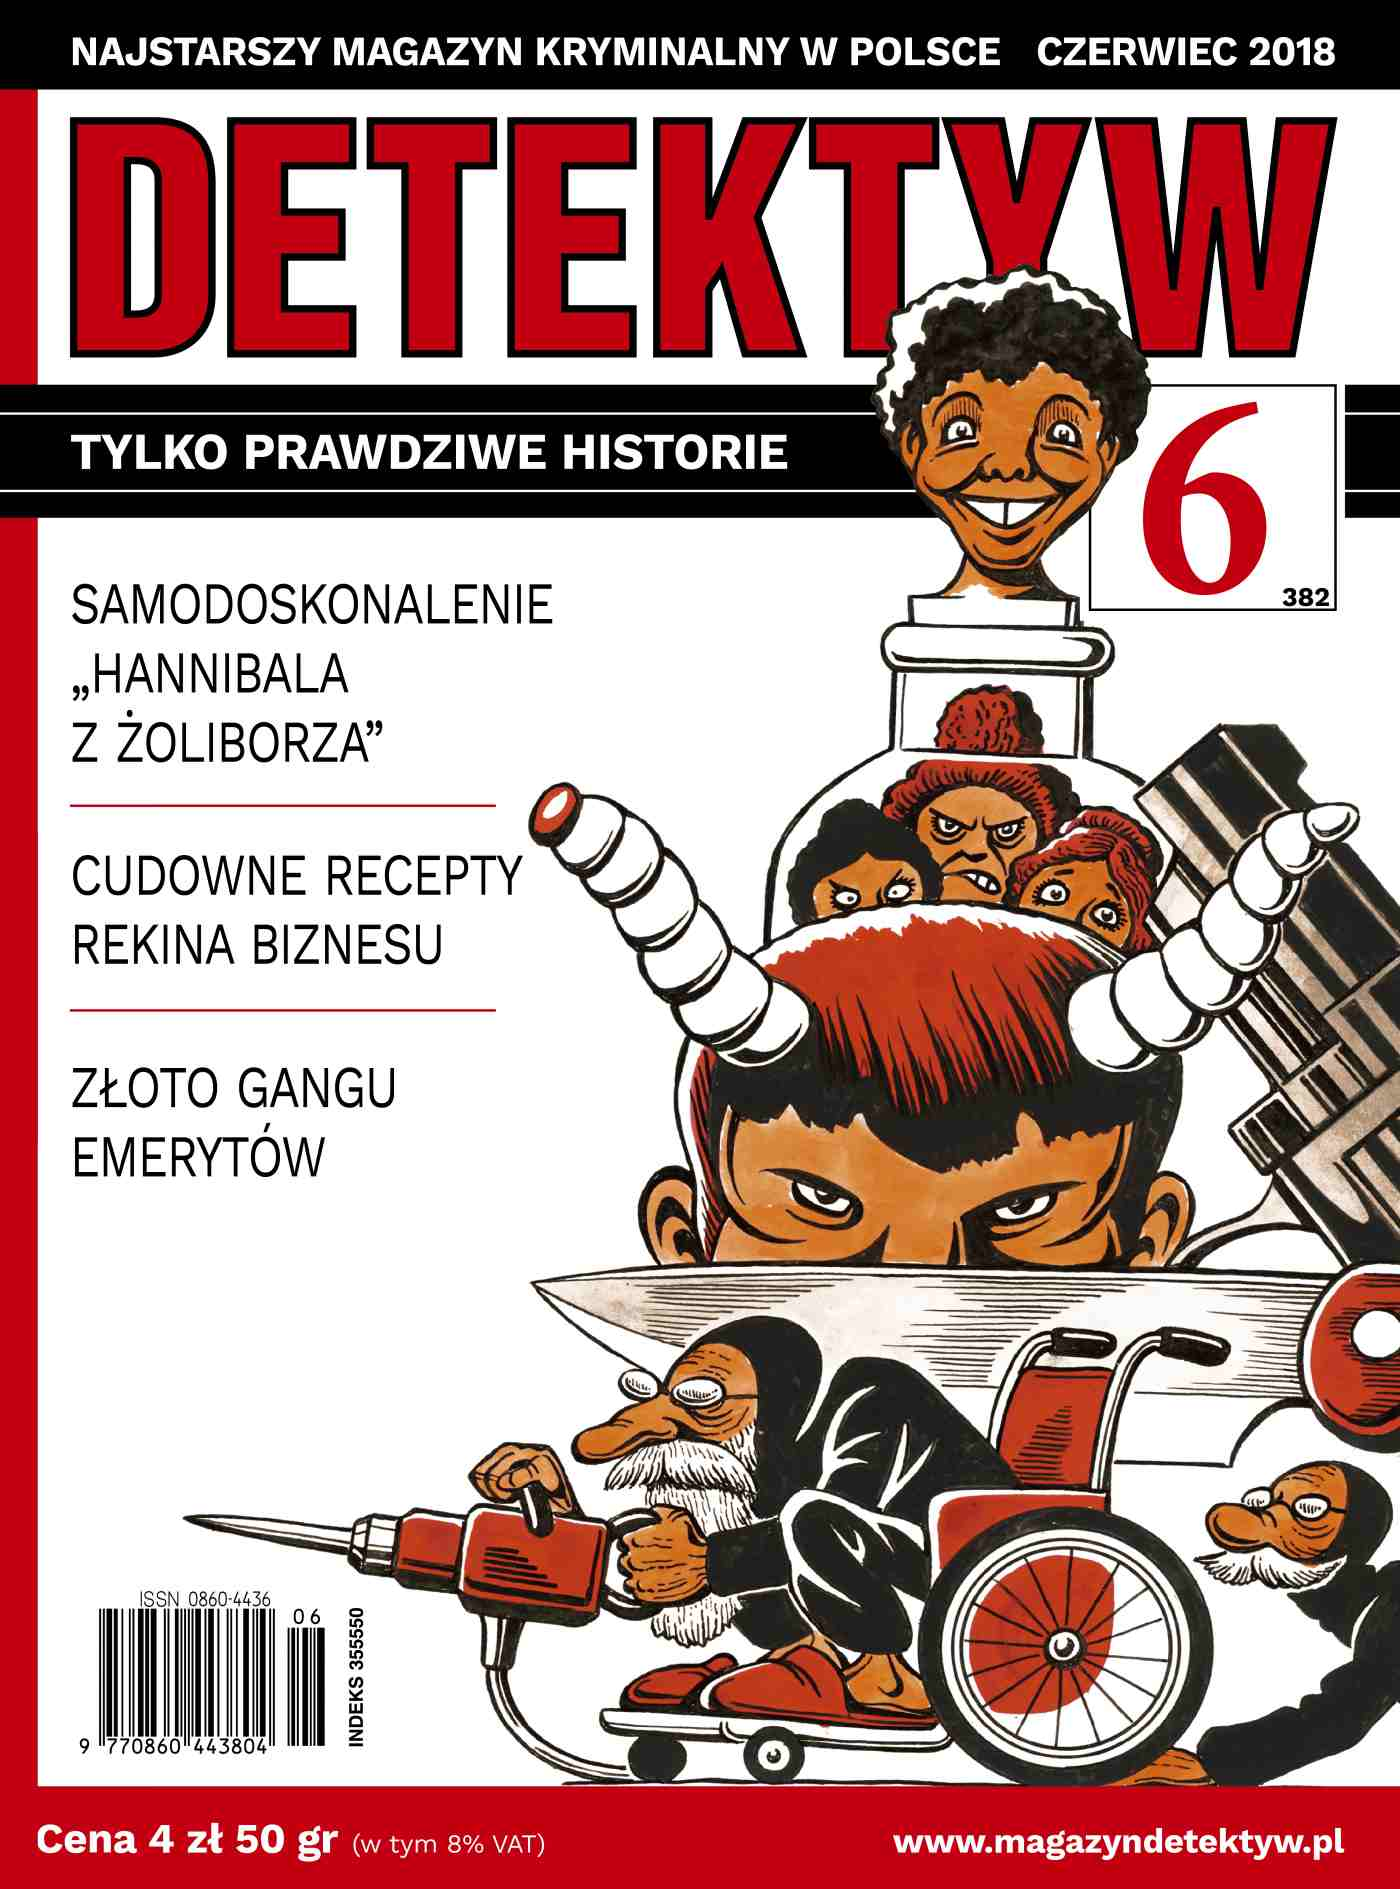 Detektyw 6/2018 - Ebook (Książka EPUB) do pobrania w formacie EPUB